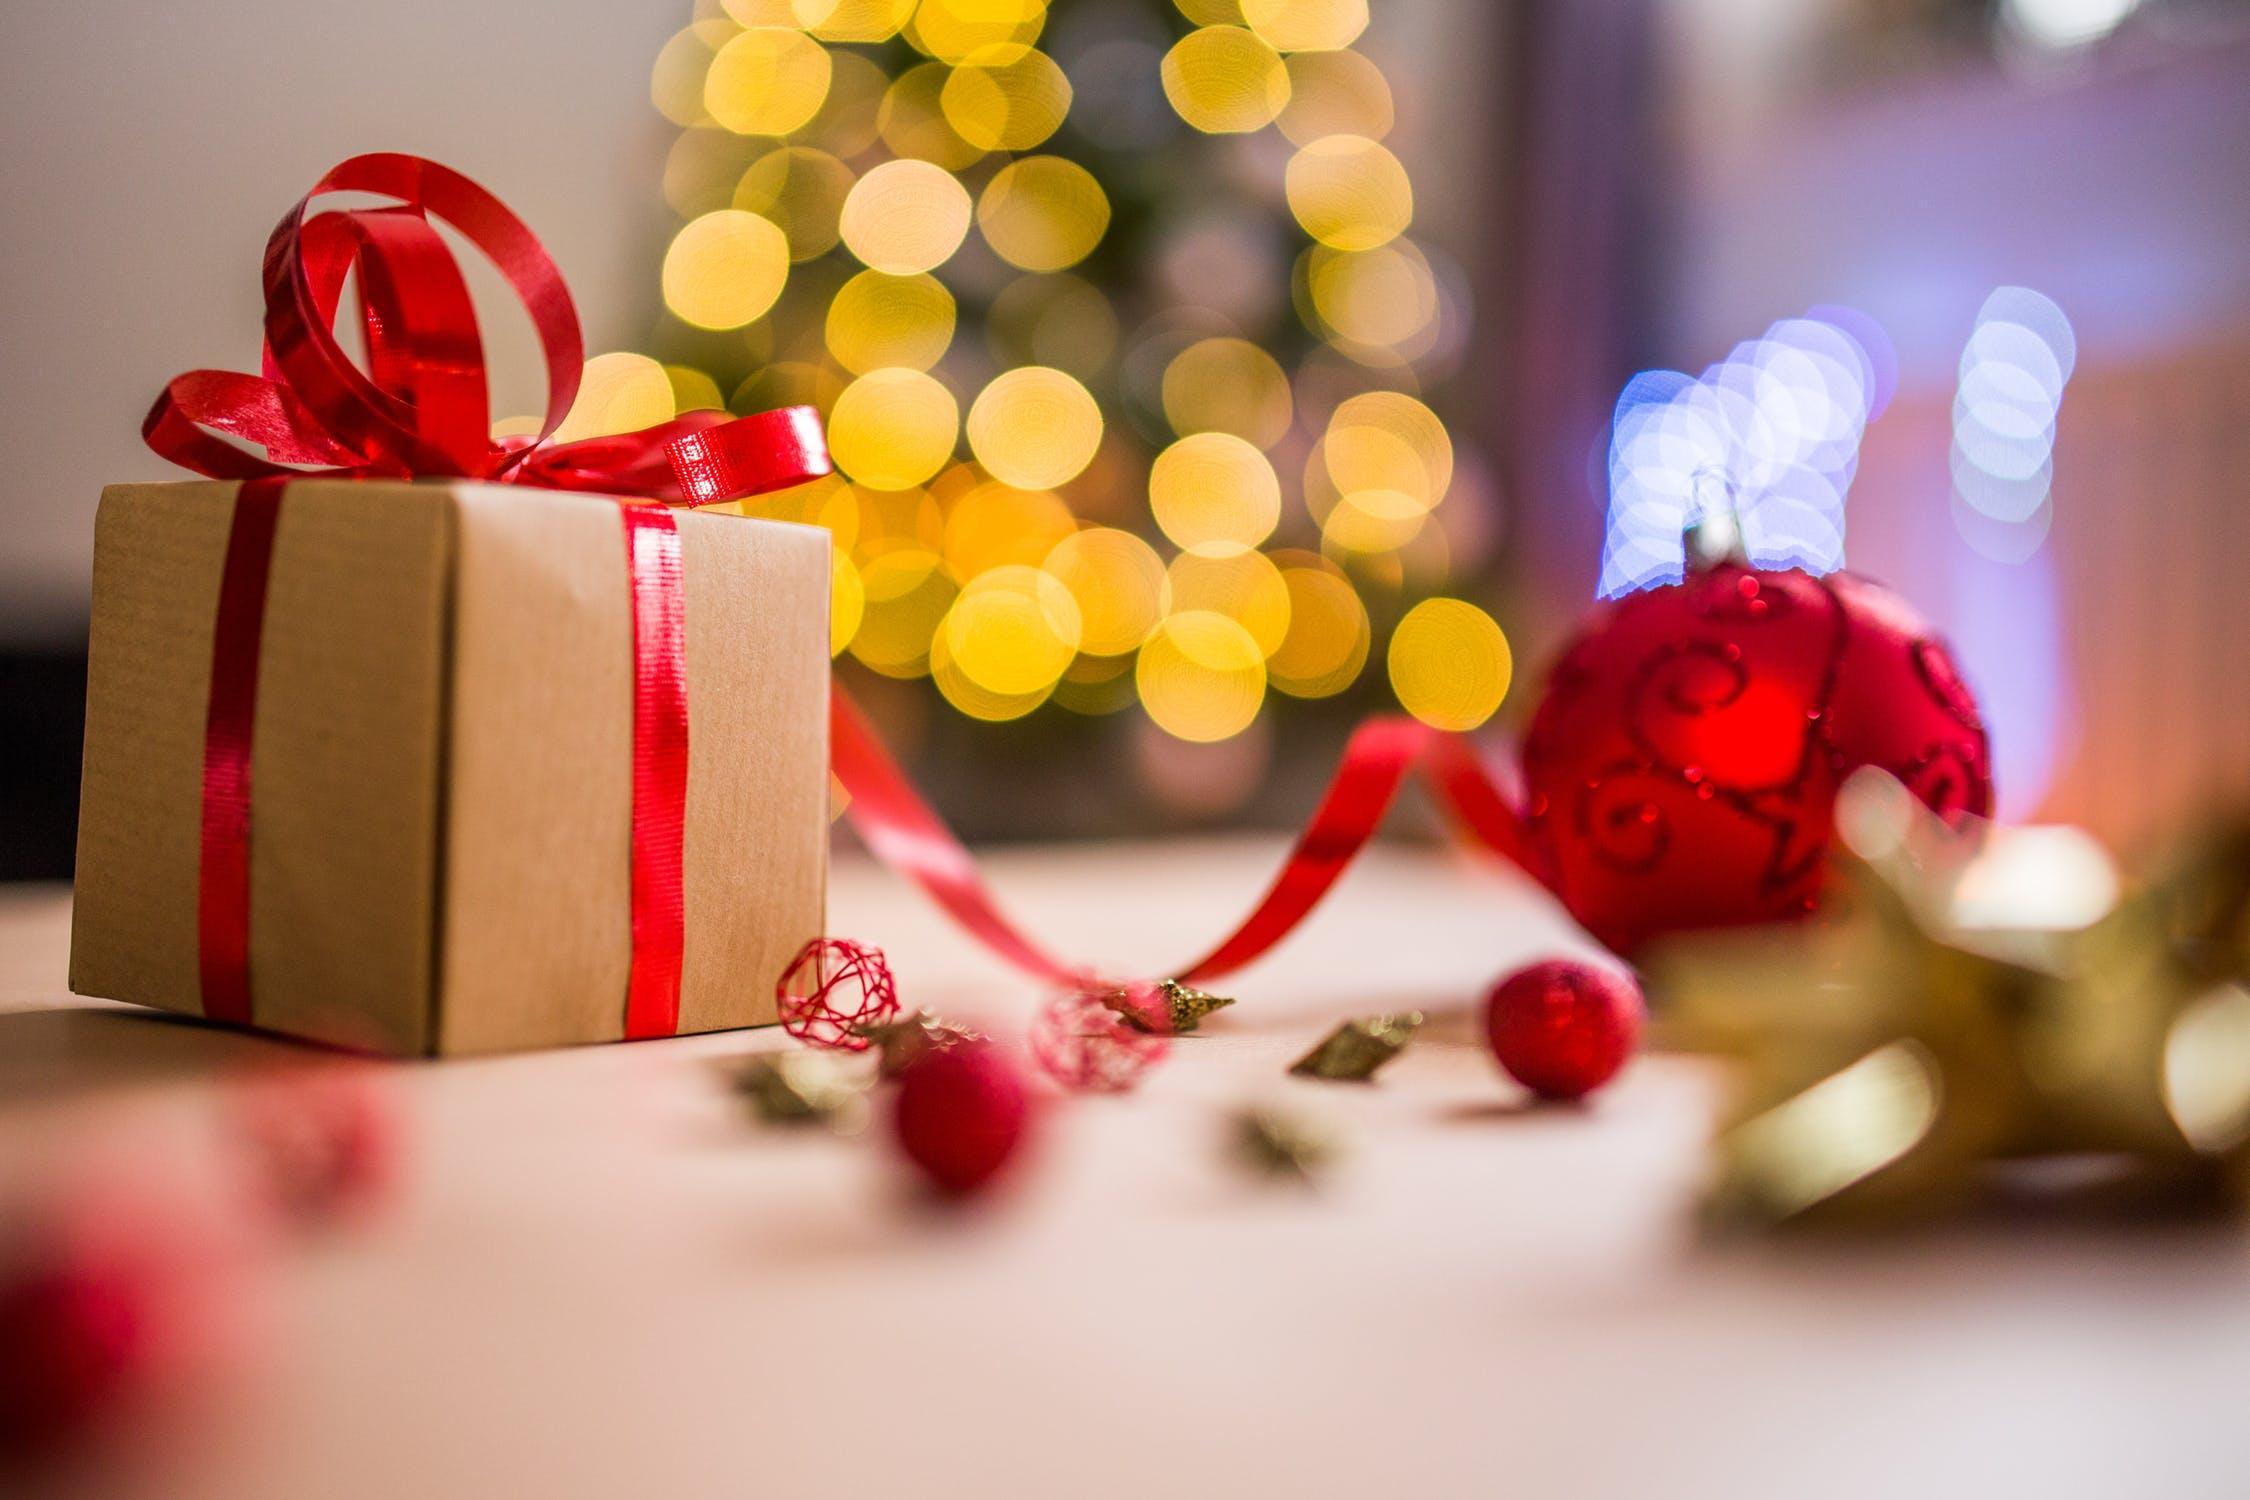 egyedi karácsonyi ajándékok